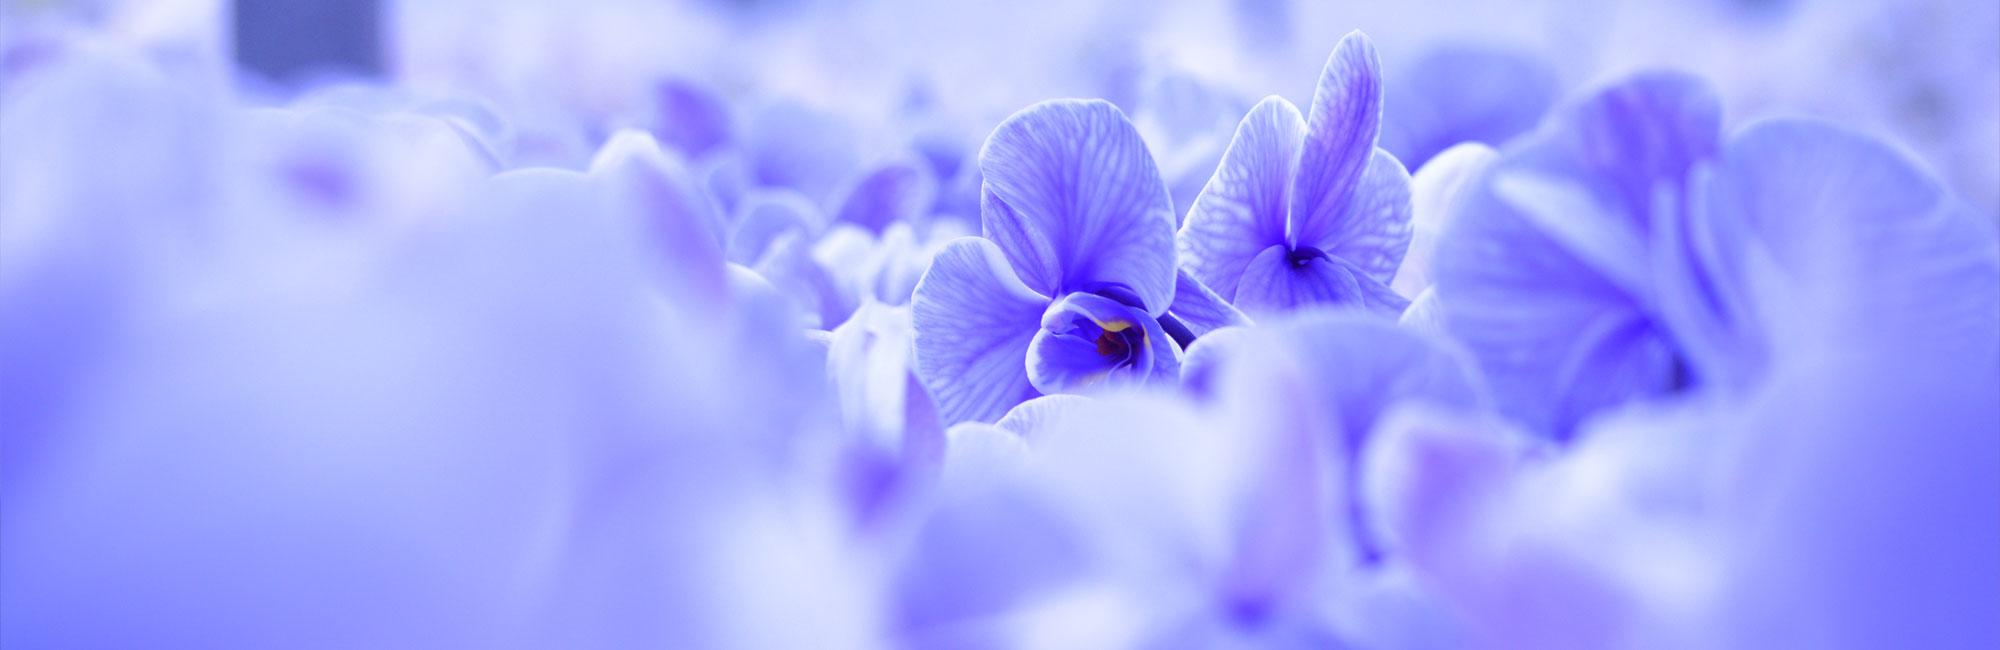 plainview-pure-lavender-myst-orchids